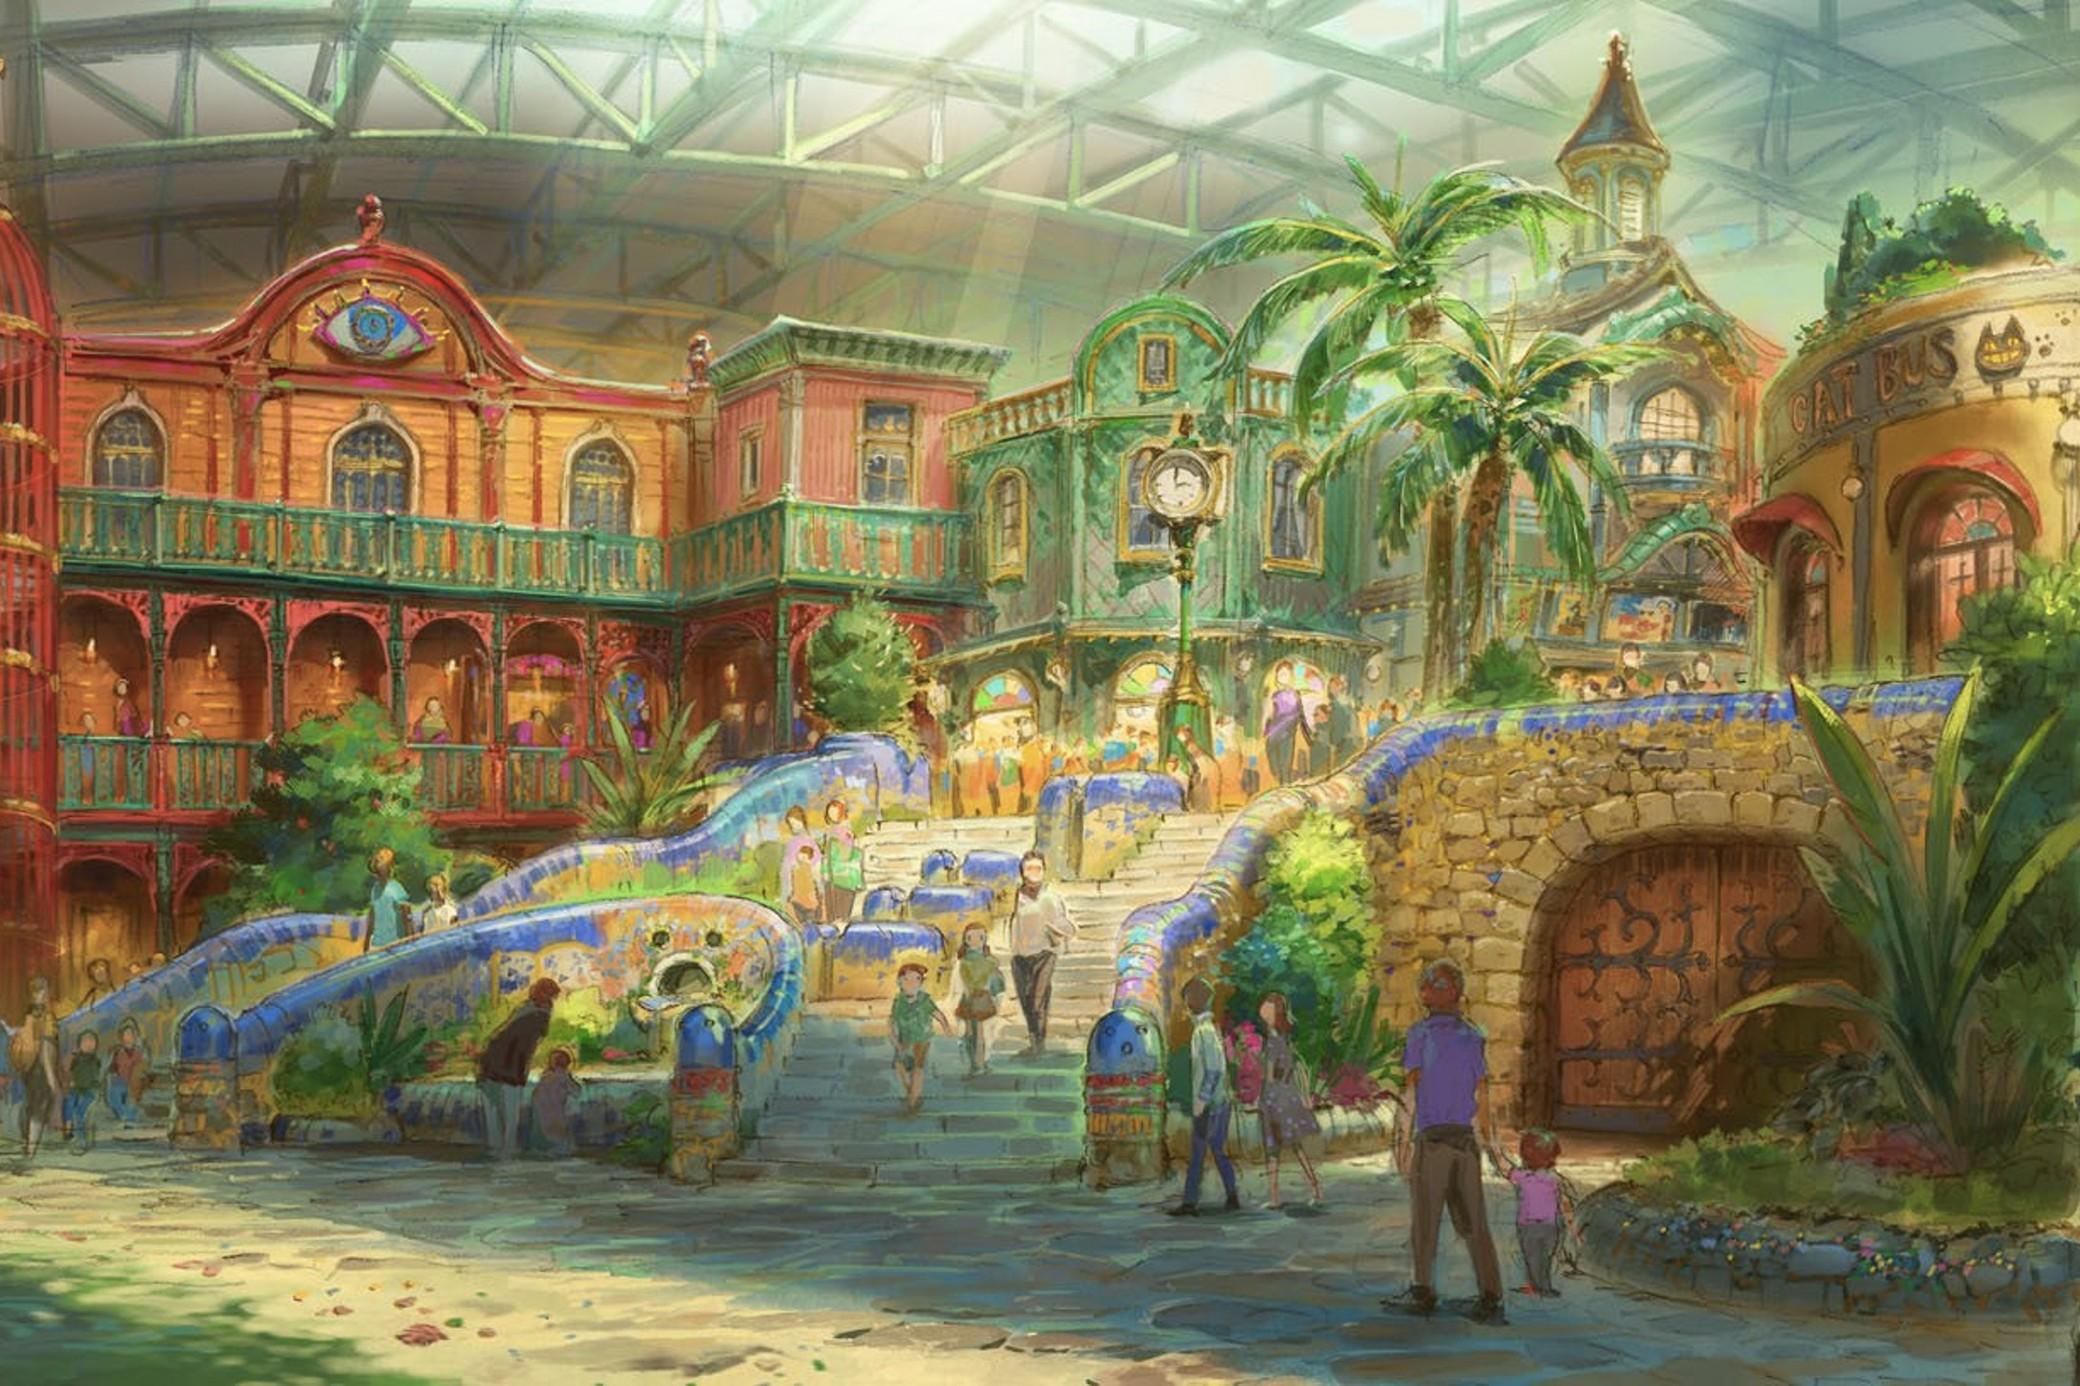 Arch2O-StudioGhibli-ThemePark-3